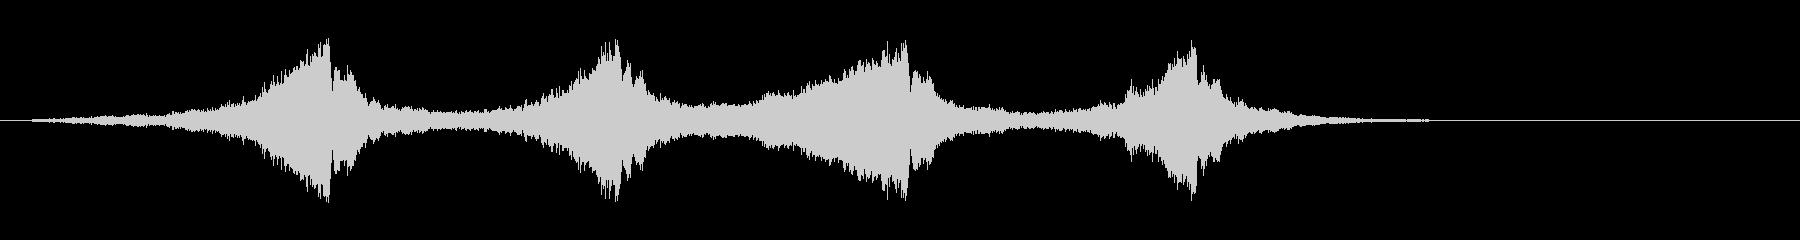 ホラー サスペンスなどの効果音に #16の未再生の波形